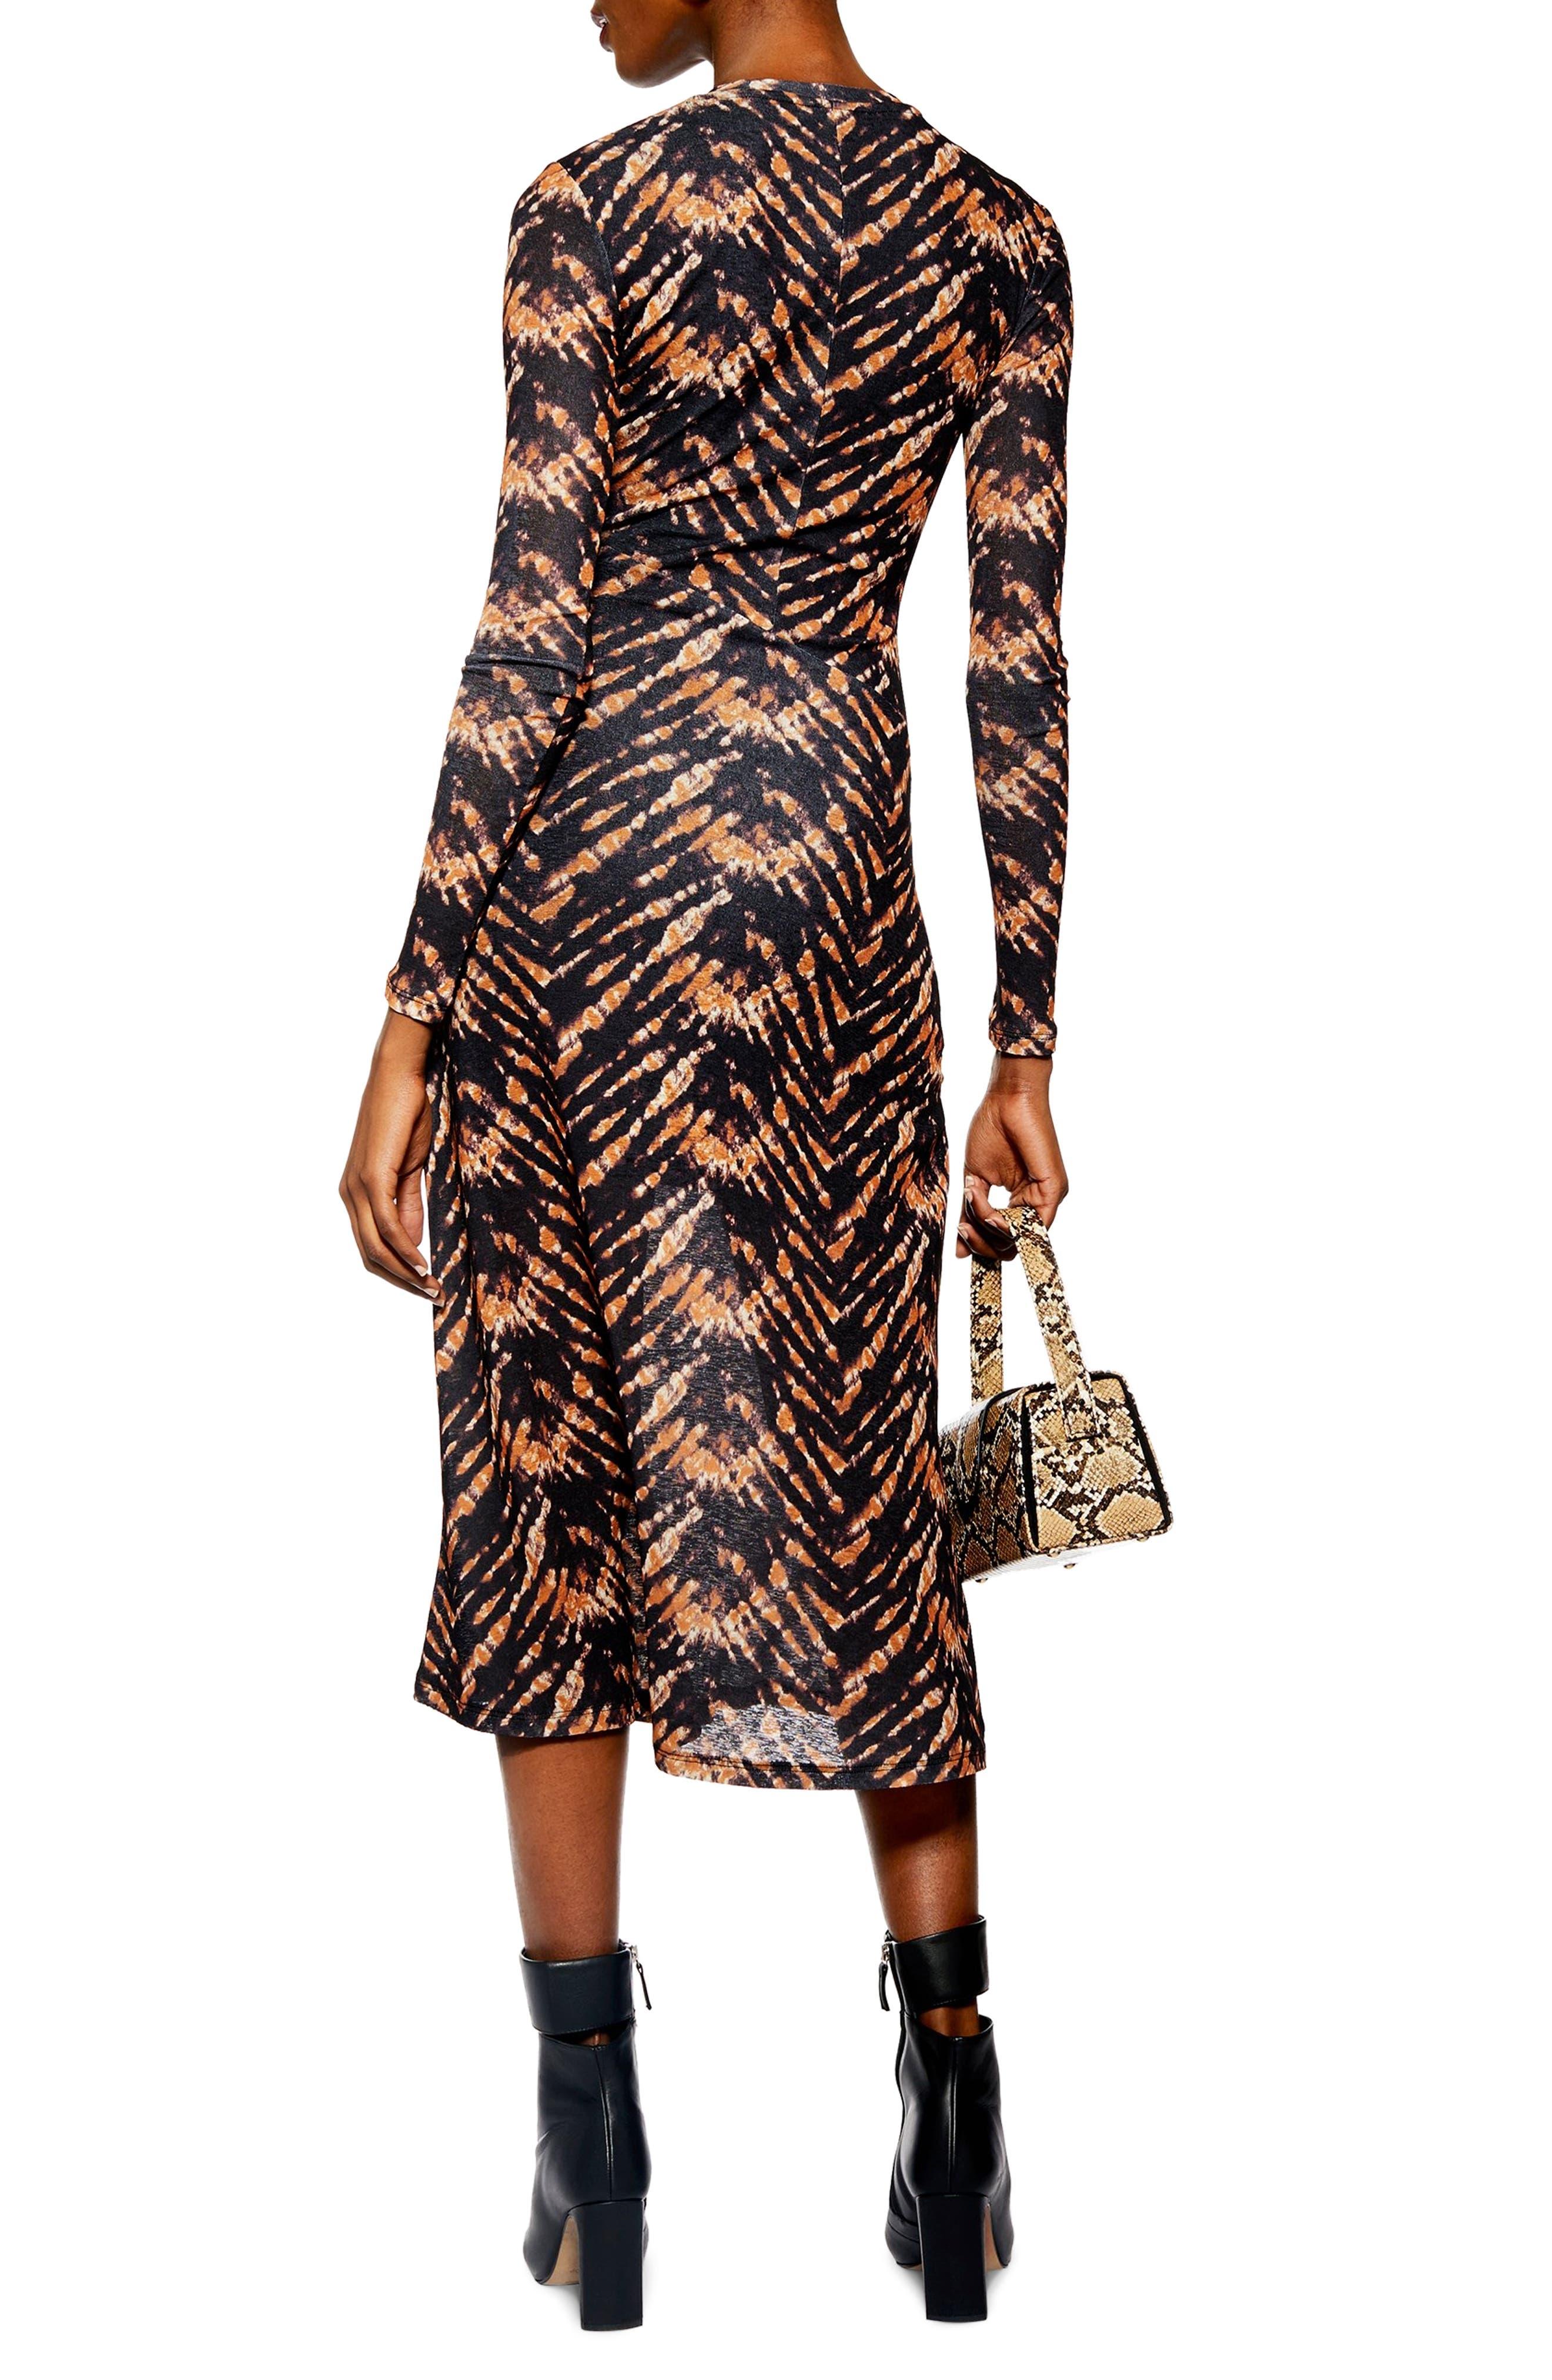 TOPSHOP,                             Tie Dye Mesh Midi Dress,                             Alternate thumbnail 2, color,                             BLACK MULTI